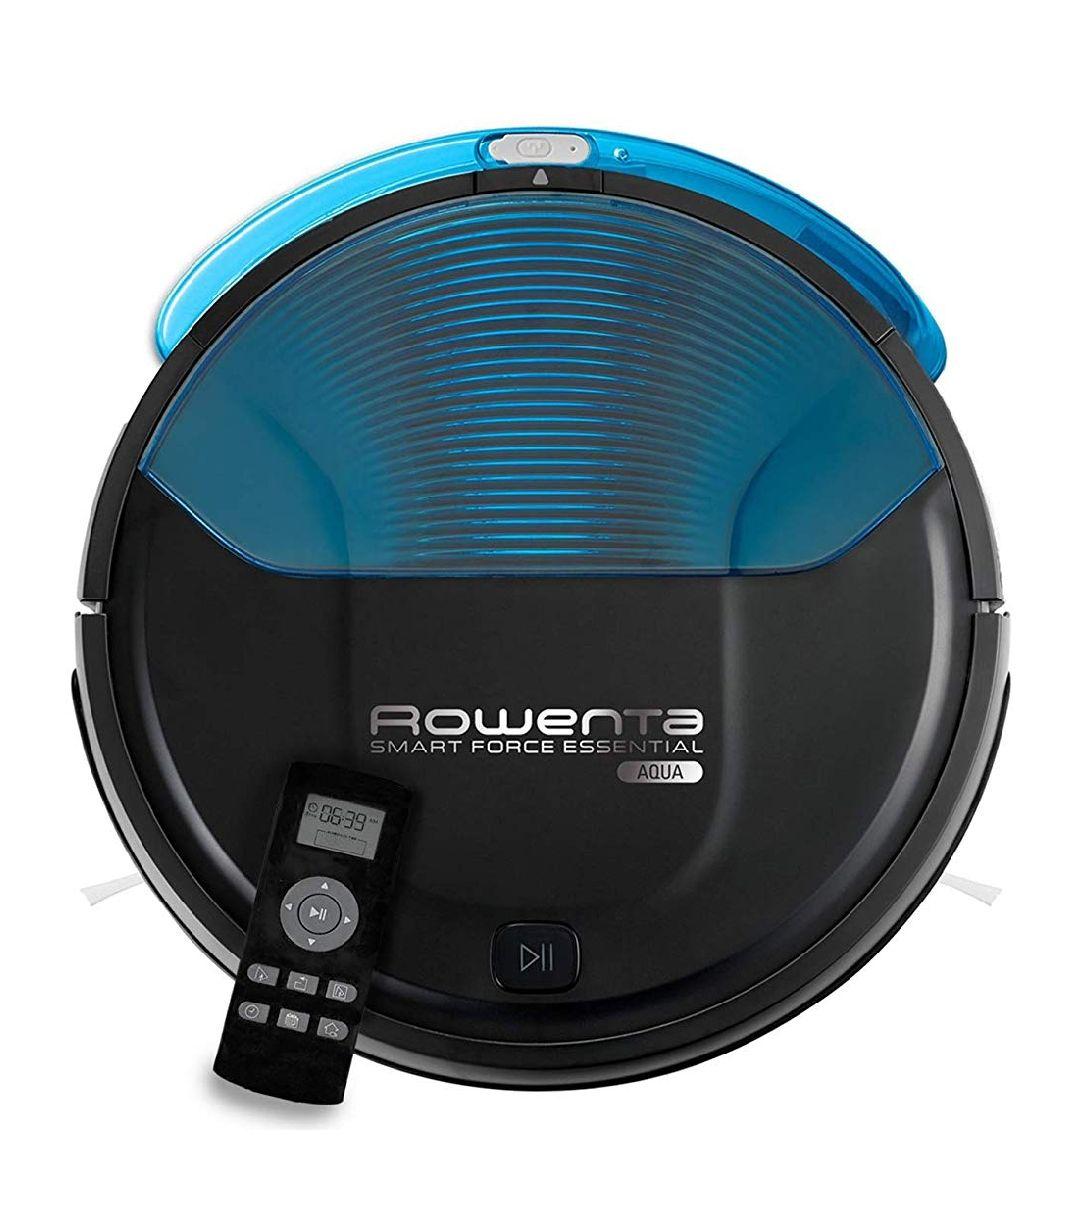 ROBOT Rowenta 6971 2a Mano COMO NUEVO Amazon